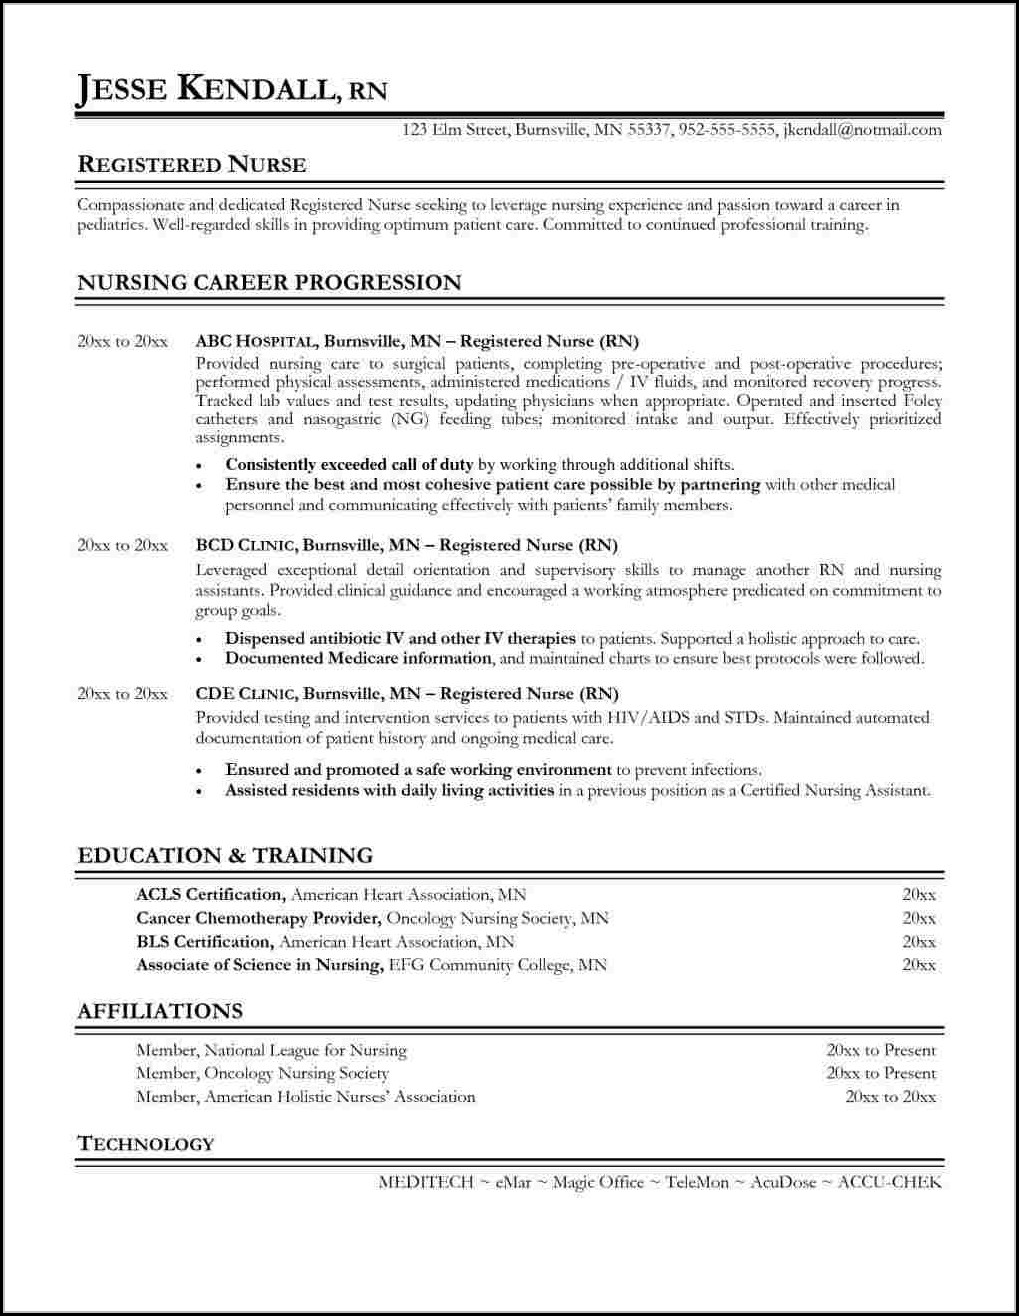 Sample Resume For A Registered Nurse